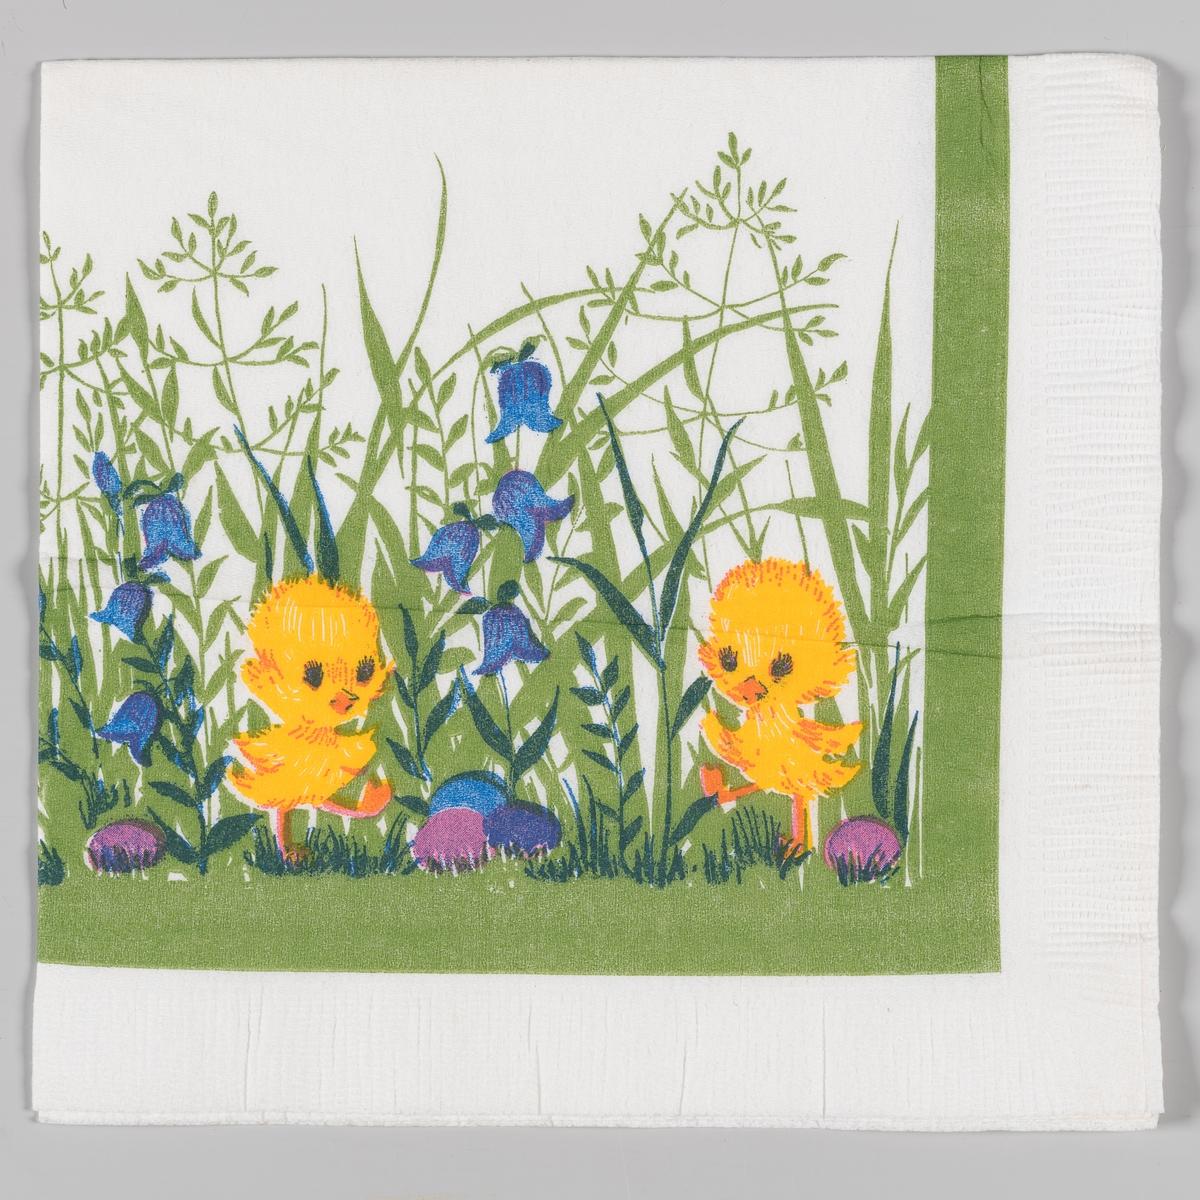 To kylling står mellom høyt gress med klokkeblomster og kulørte påskeegg. Grønn kantstripe.